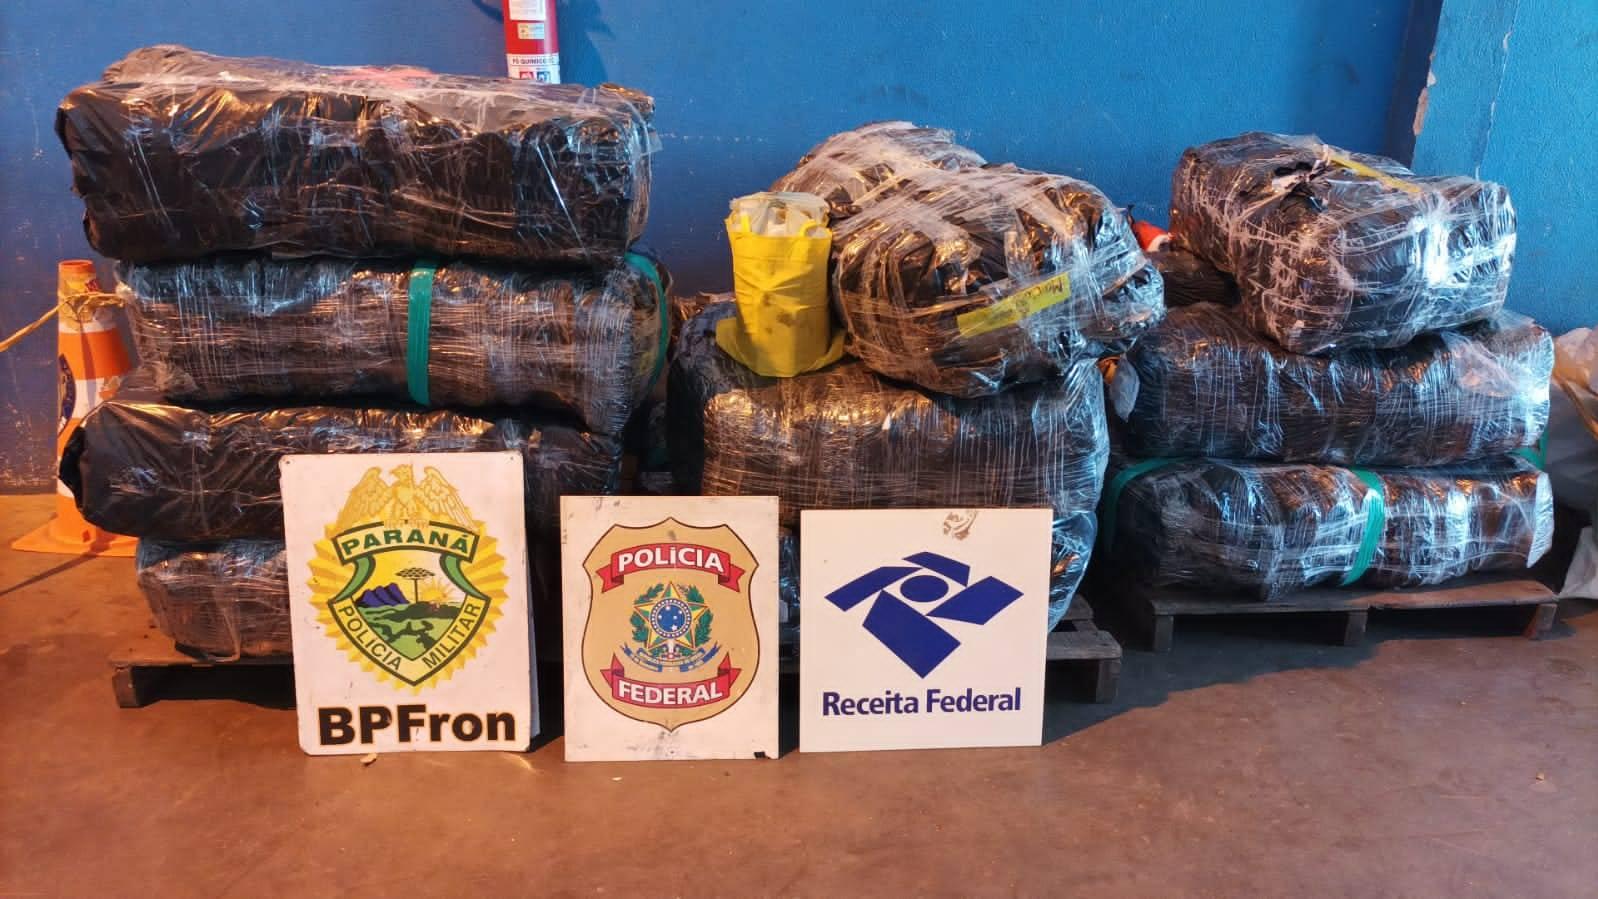 Forças de segurança apreendem mercadorias descaminhadas em Foz do Iguaçu